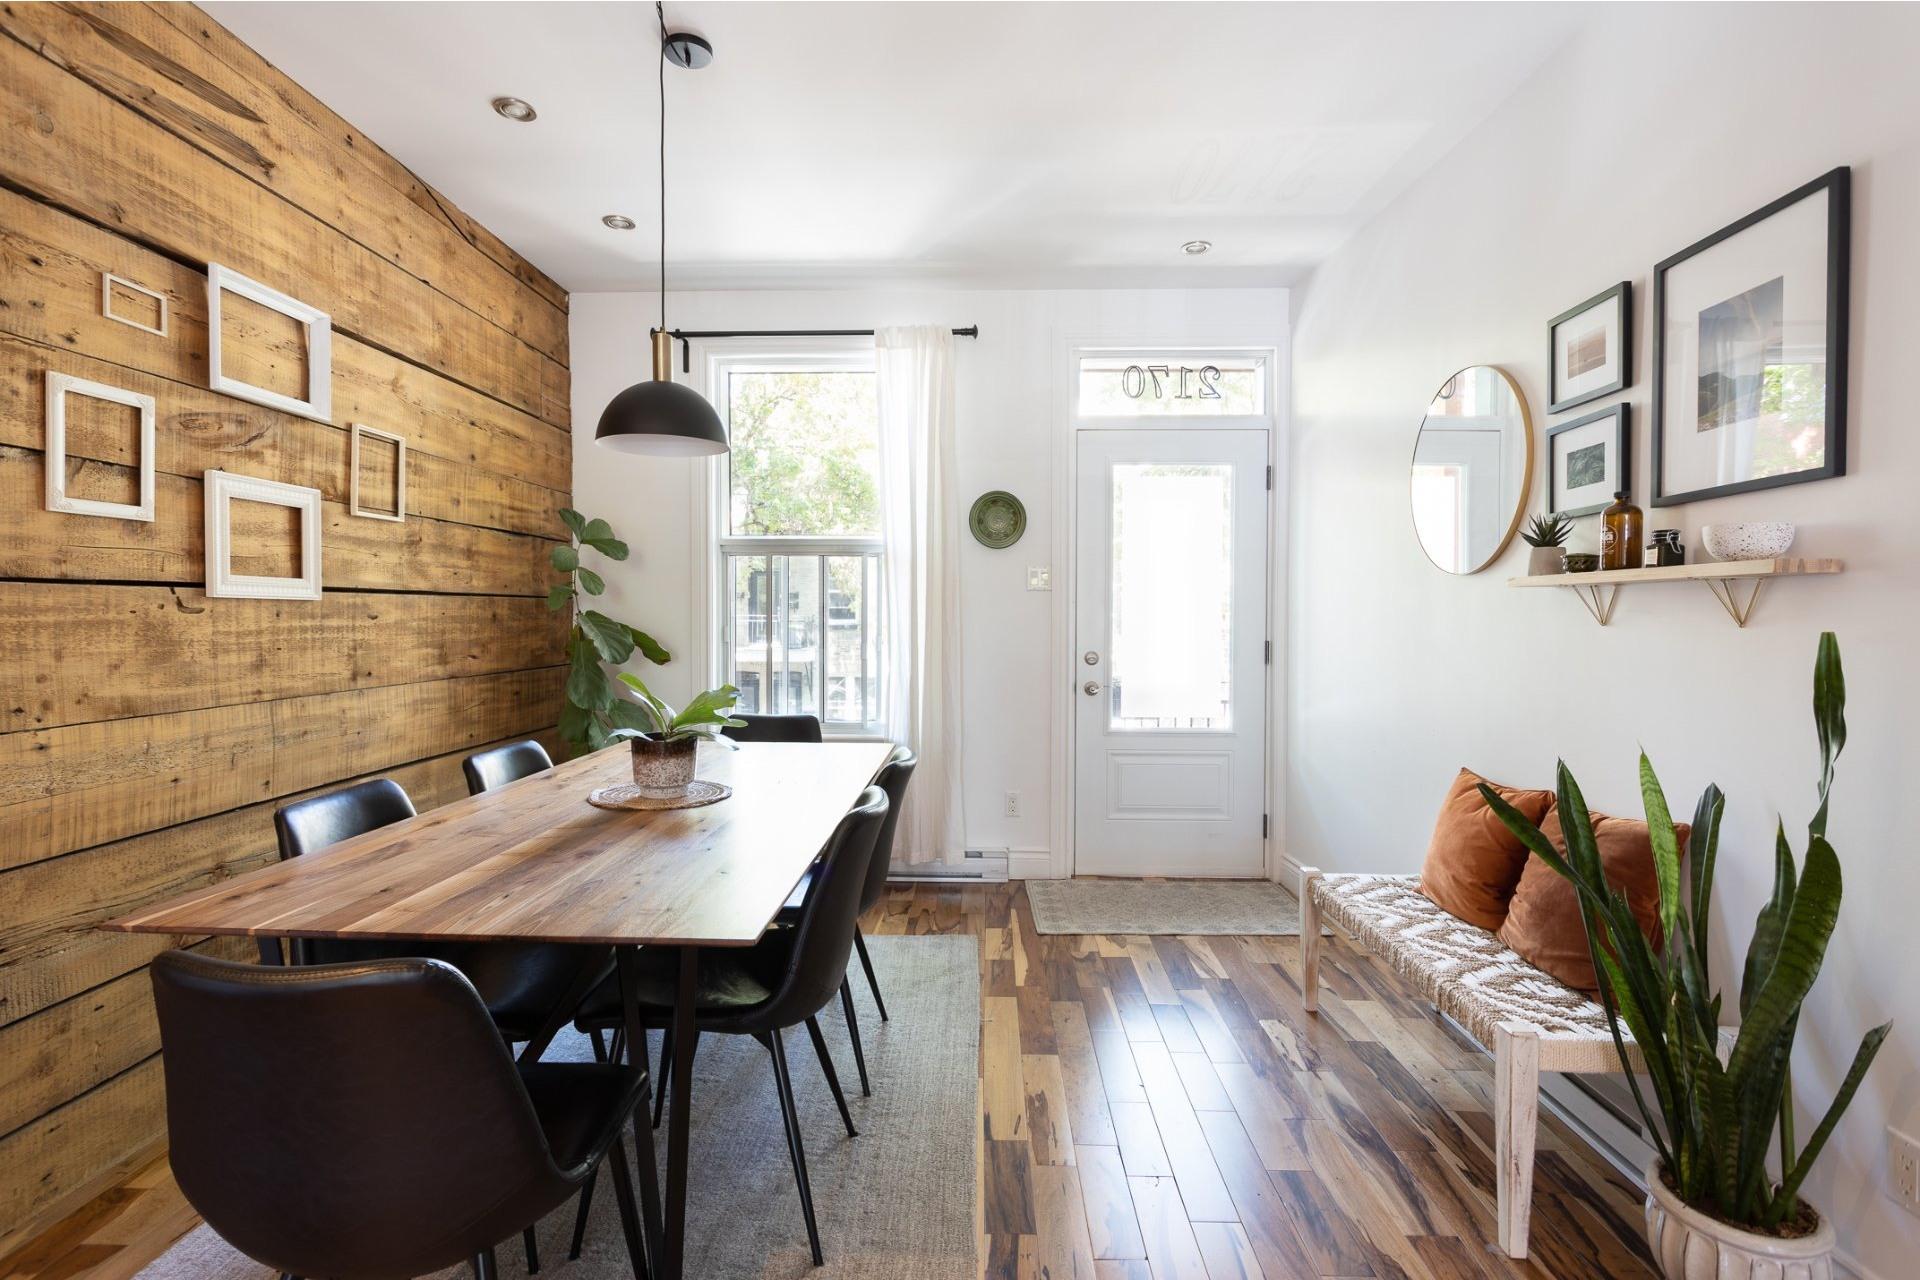 image 5 - Appartement À vendre Mercier/Hochelaga-Maisonneuve Montréal  - 4 pièces